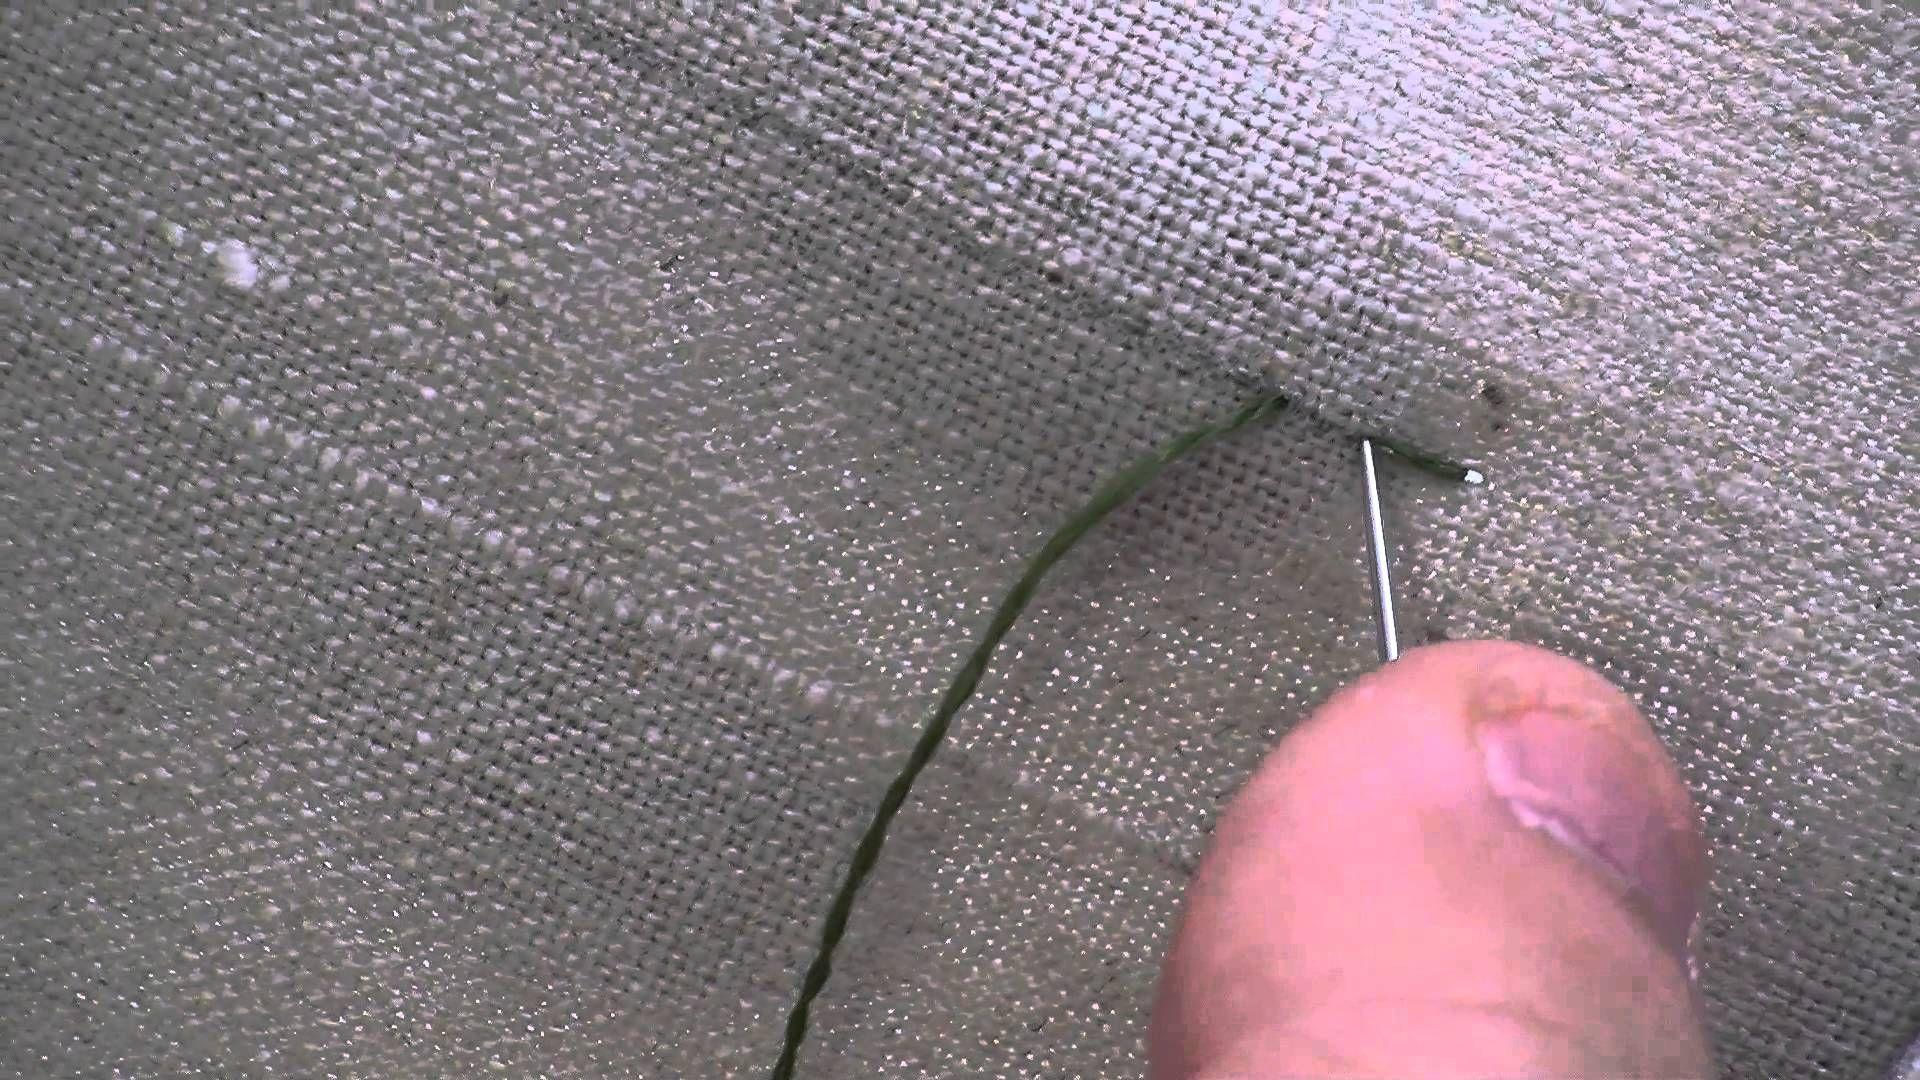 broderie le point de piq re les petites le ons de marie suarez marie suarez pinterest. Black Bedroom Furniture Sets. Home Design Ideas